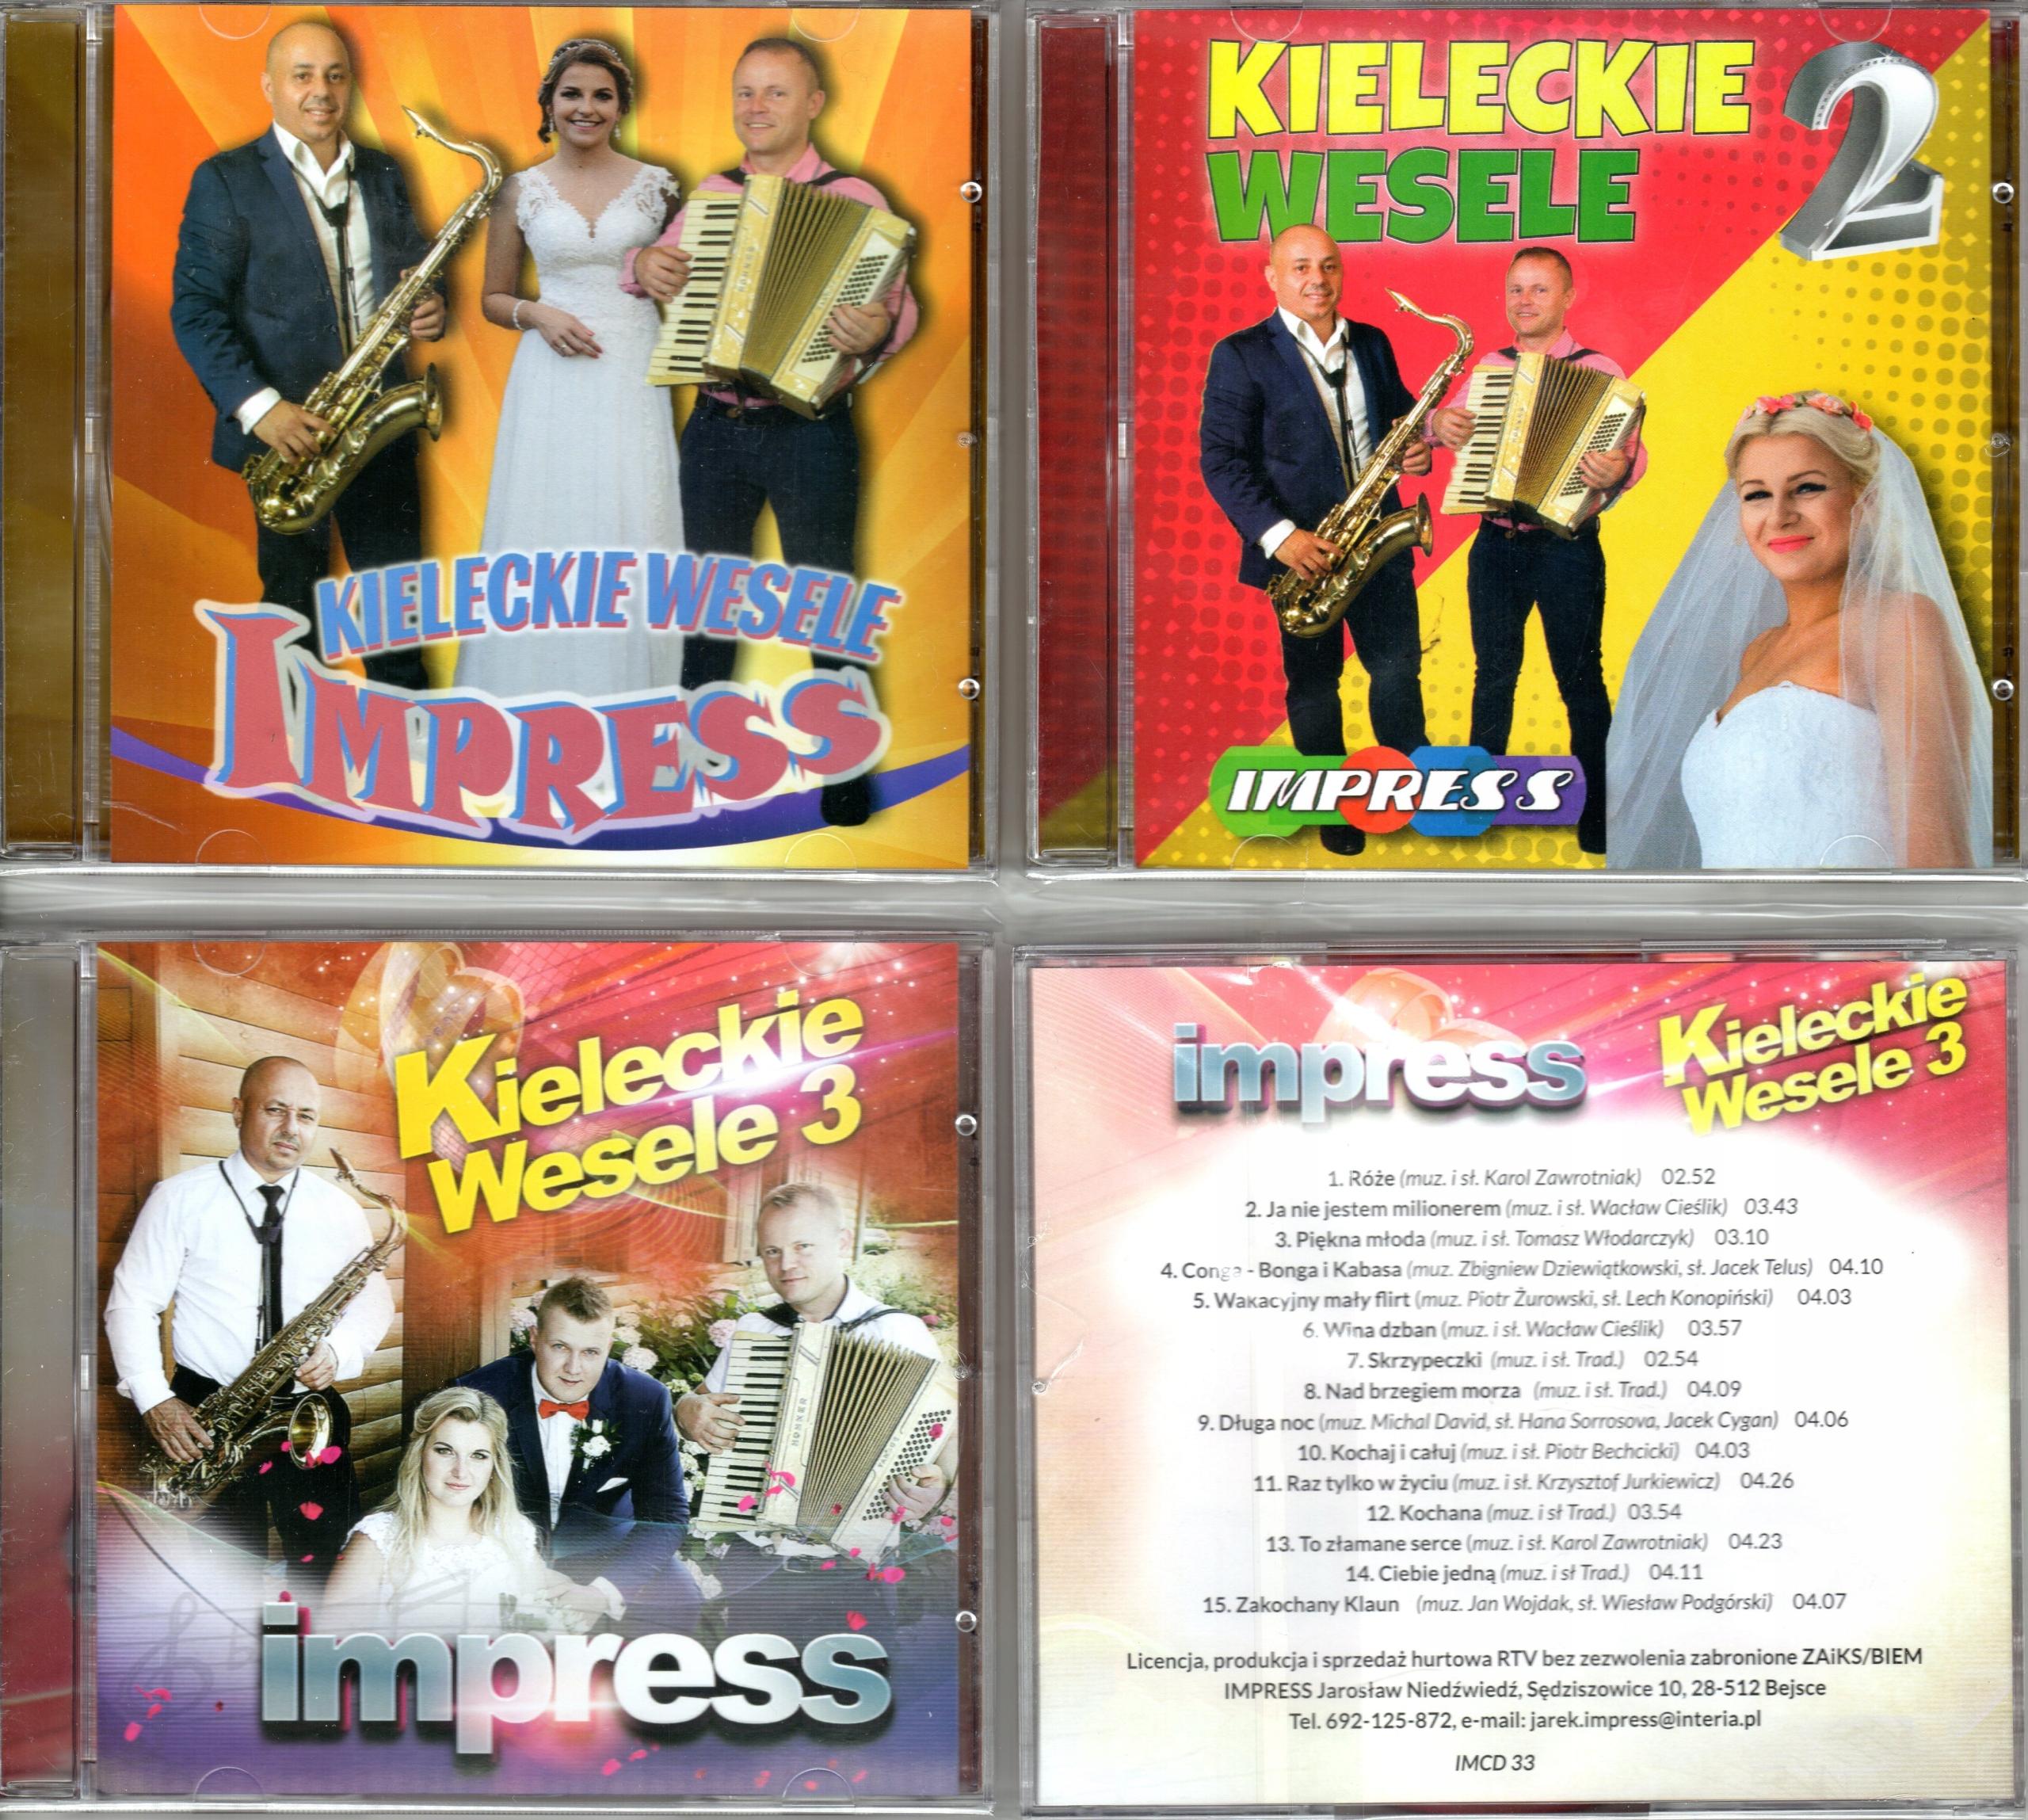 IMPRESS KIELECKIE WESELE 3 CD